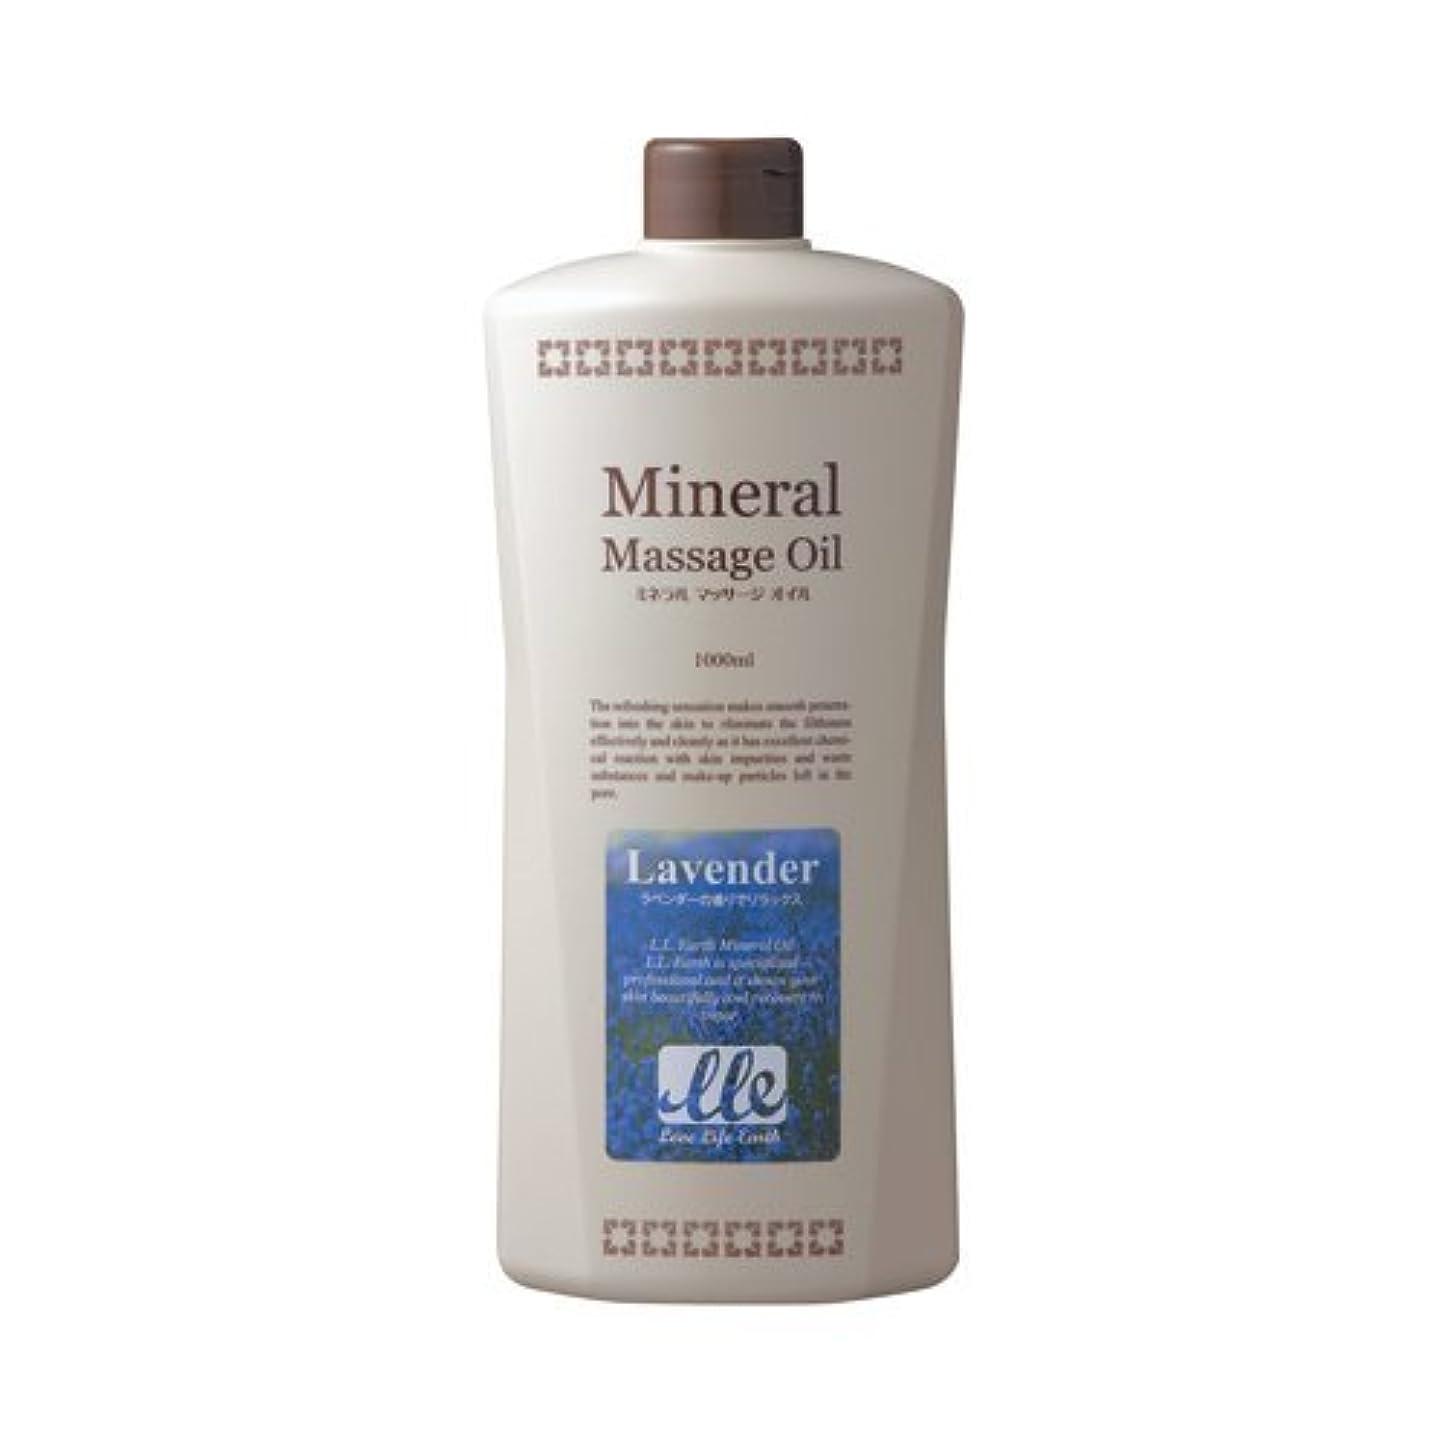 西マスタード長くするLLE 業務用 ミネラル マッサージオイル [香り5種] (ボディ用) ラベンダー1L